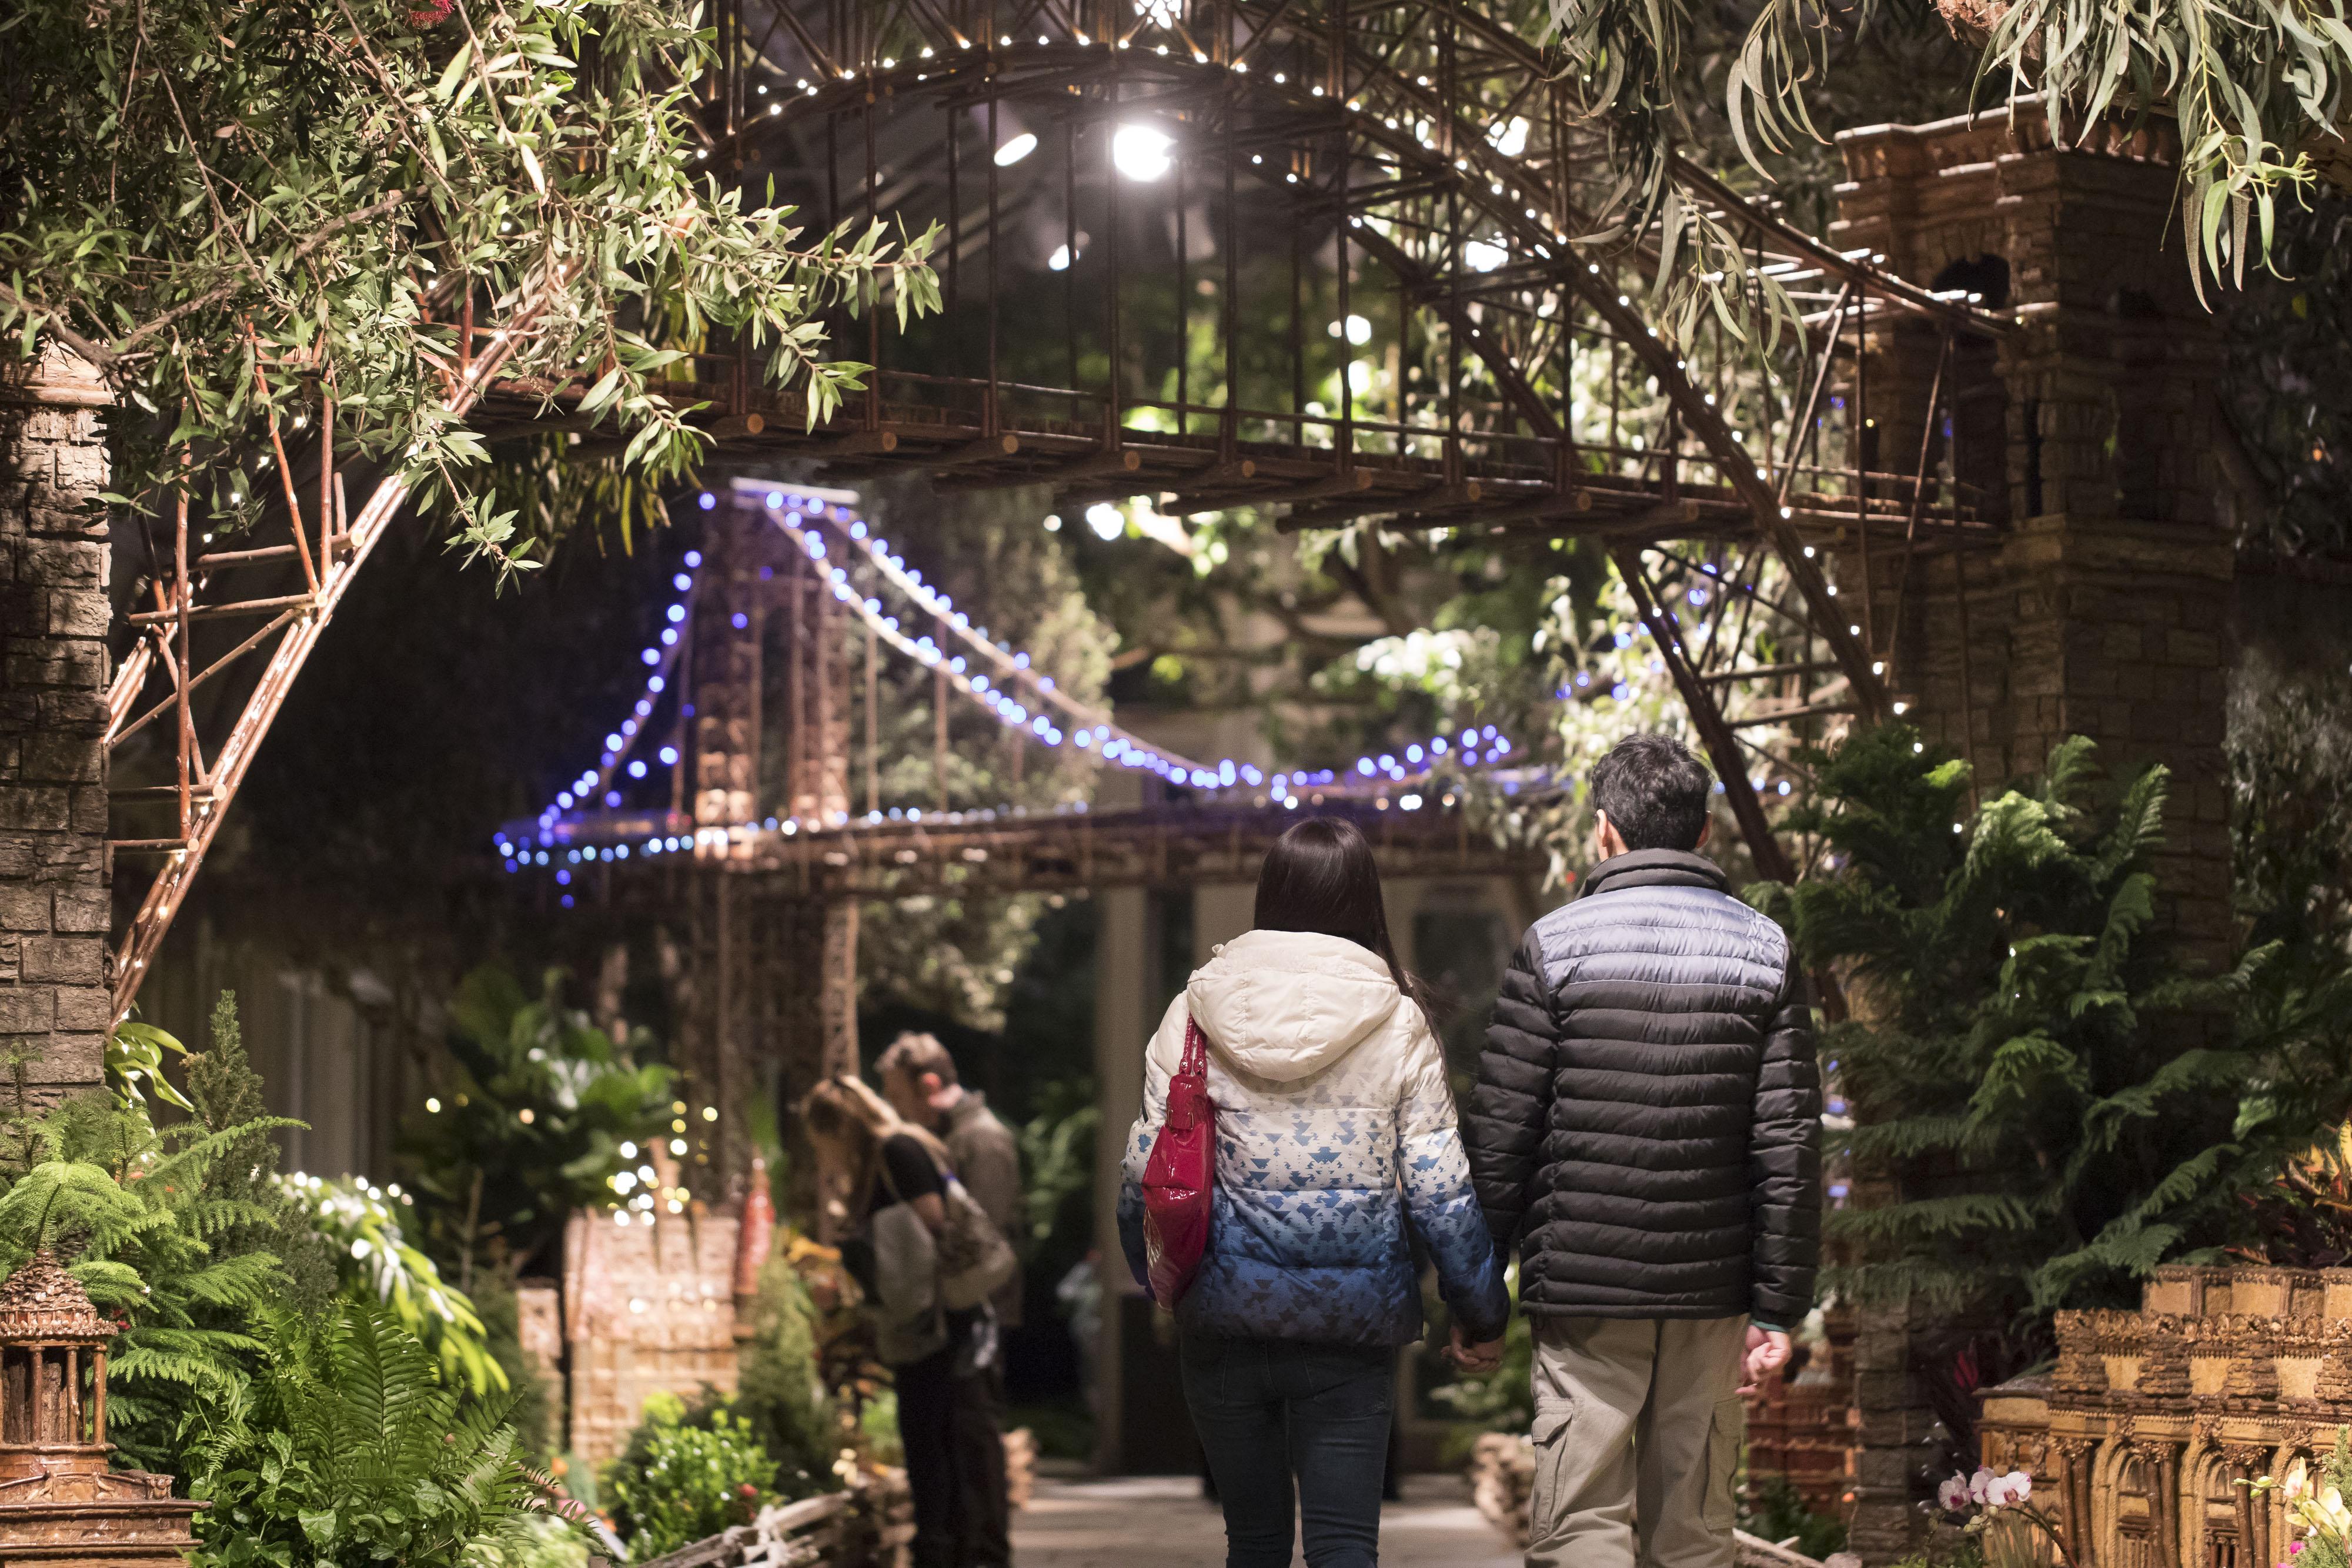 Bar Car Nights Image Gallery New York Botanical Garden - Botanical gardens train show bar car